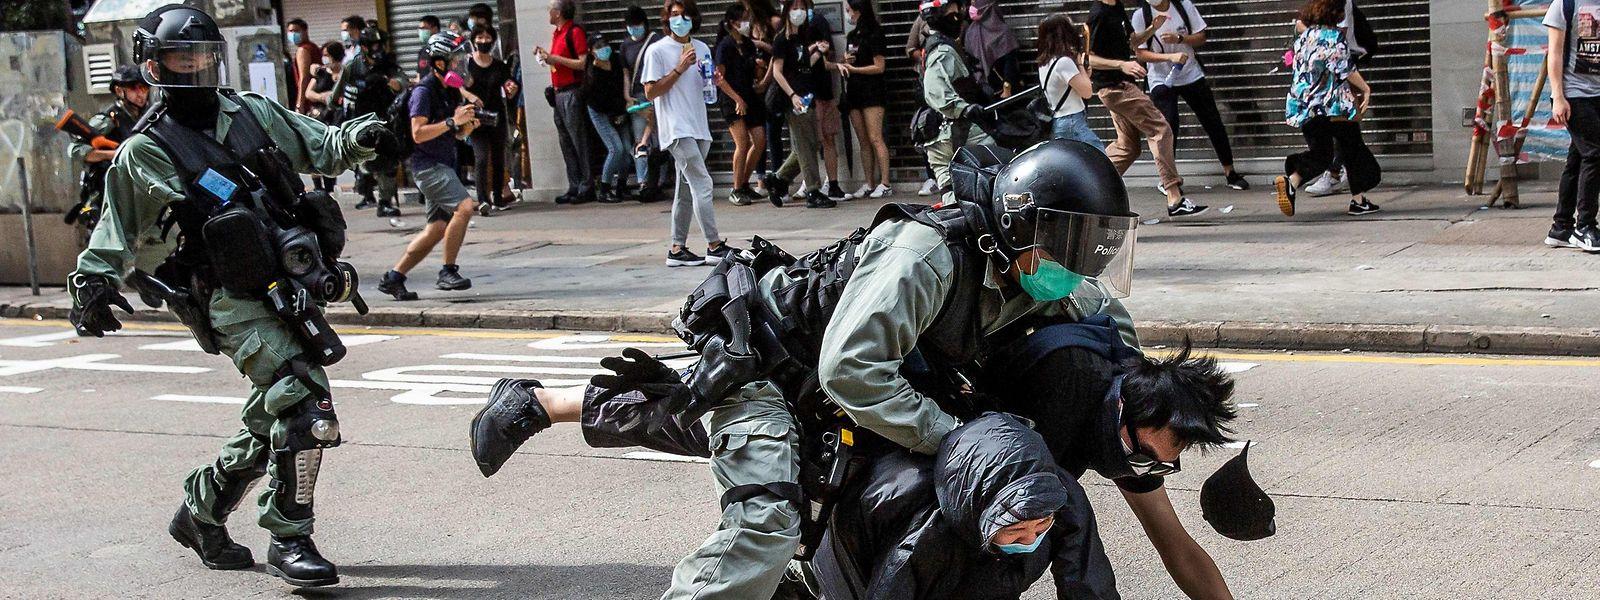 Erstmals seit Ausbruch der Corona-Pandemie kam es am Sonntag in Hongkong wieder zu regelrechten Straßenschlachten zwischen Polizei und Demonstranten.